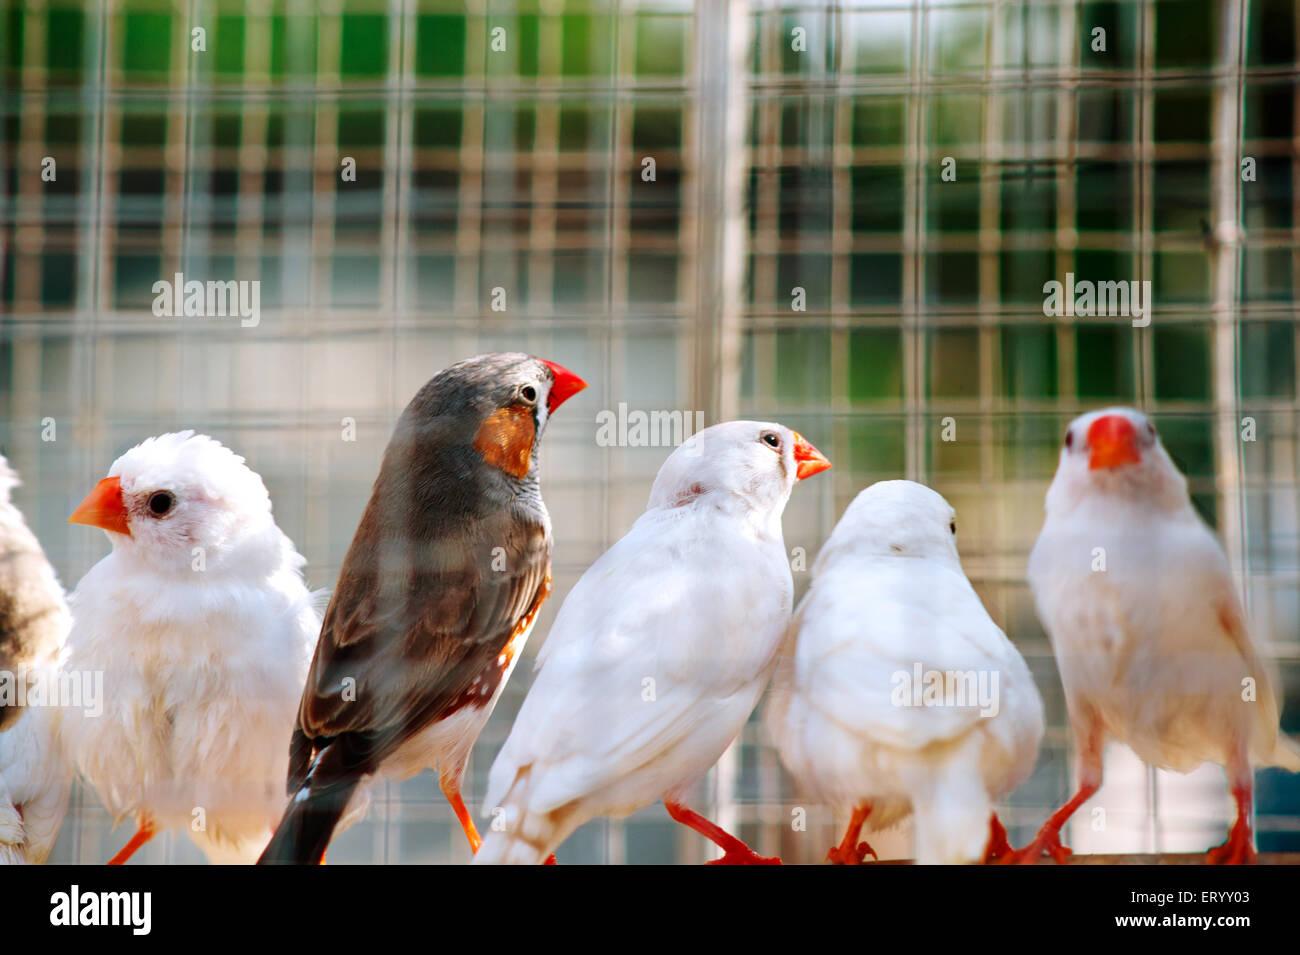 Aviary bird common wax bills - Stock Image